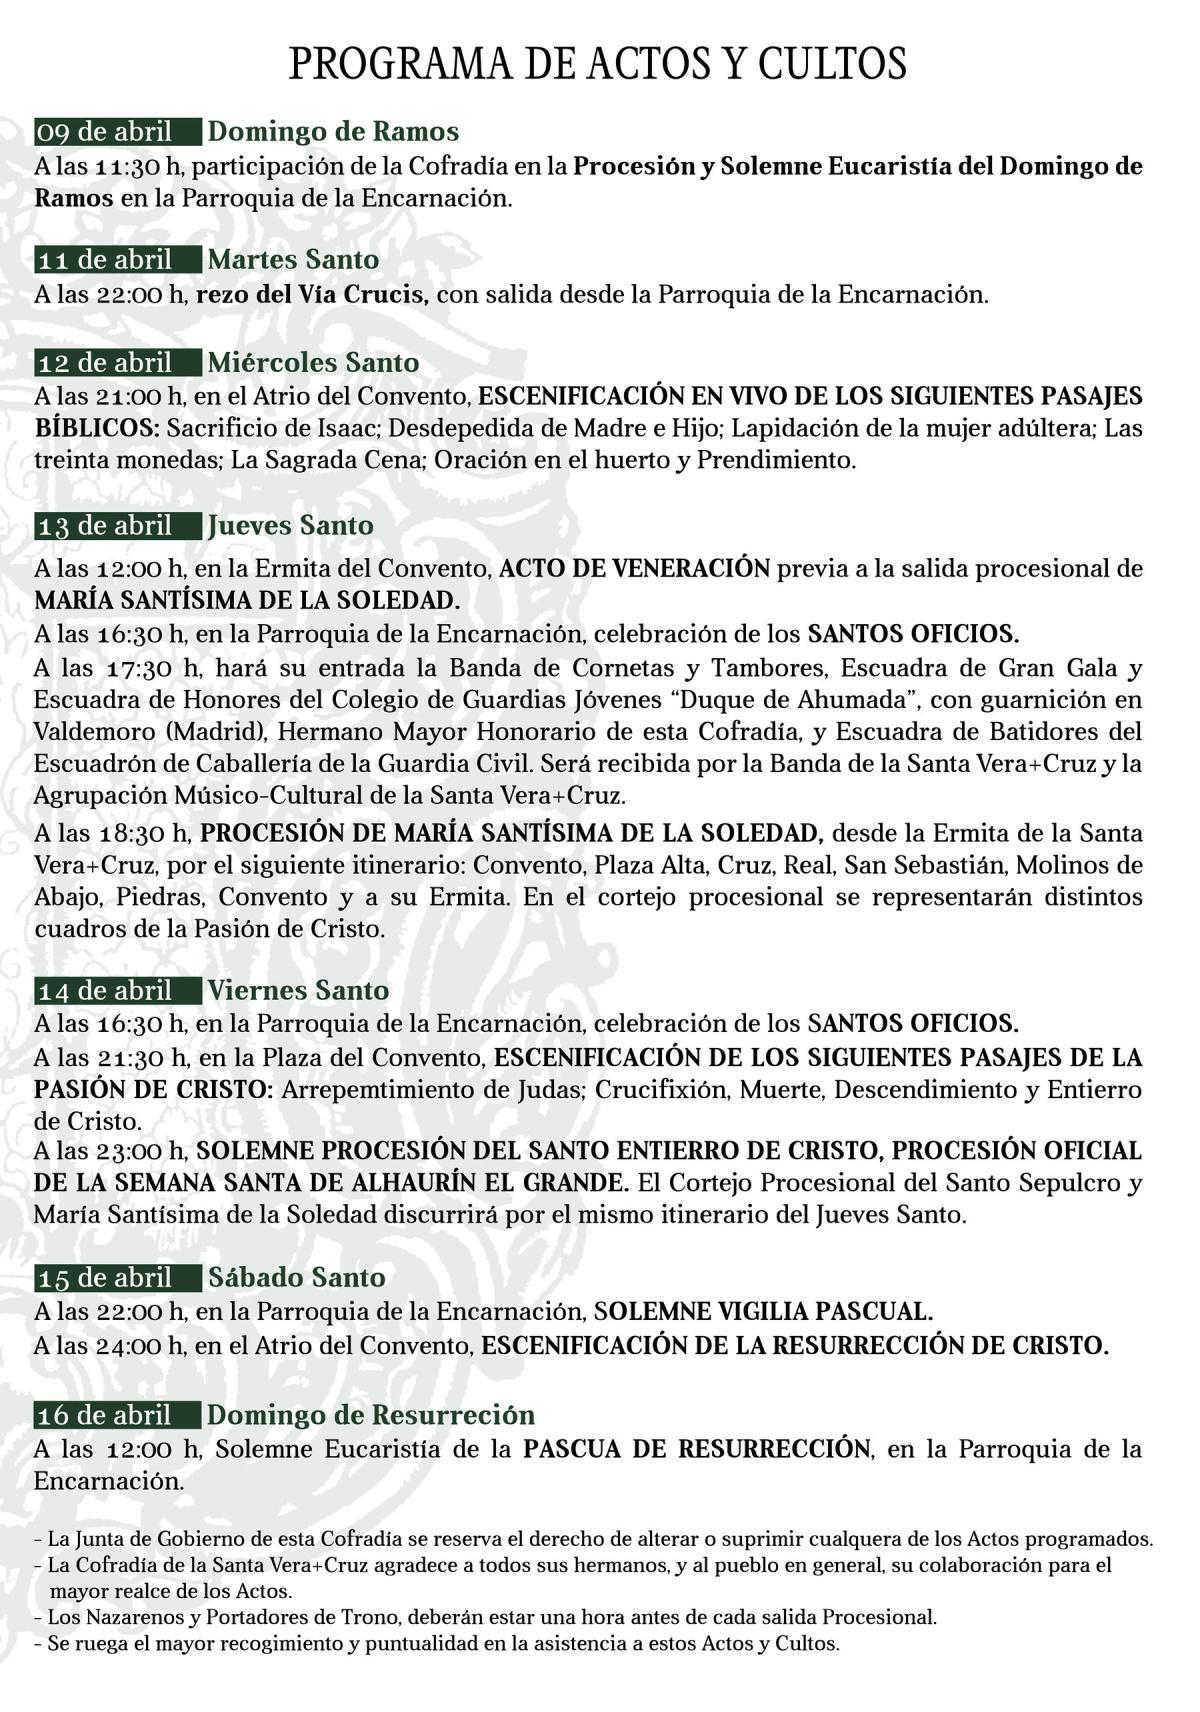 Programa de actos y cultos Semana Santa 2017